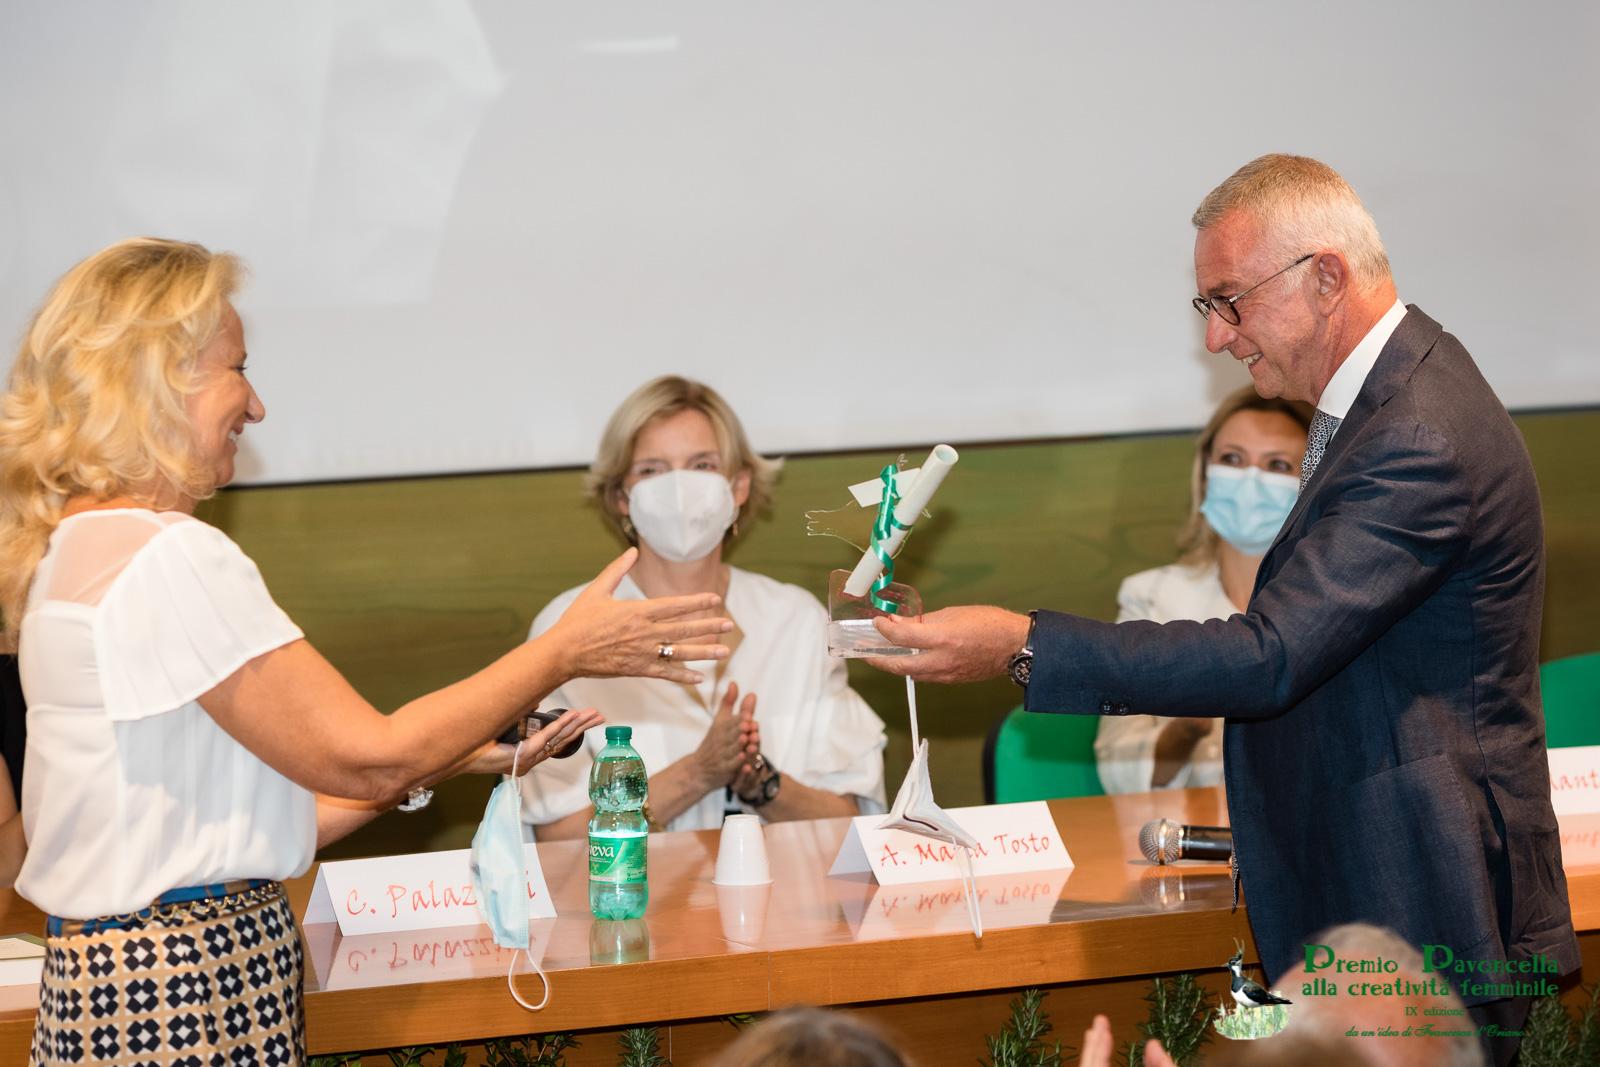 Il Prof. Michele Cicala, Responsabile UOC di Gastroenterologia ed Endoscopia Digestiva del Campus Bio Medico premia la professoressa Rosa Sessa